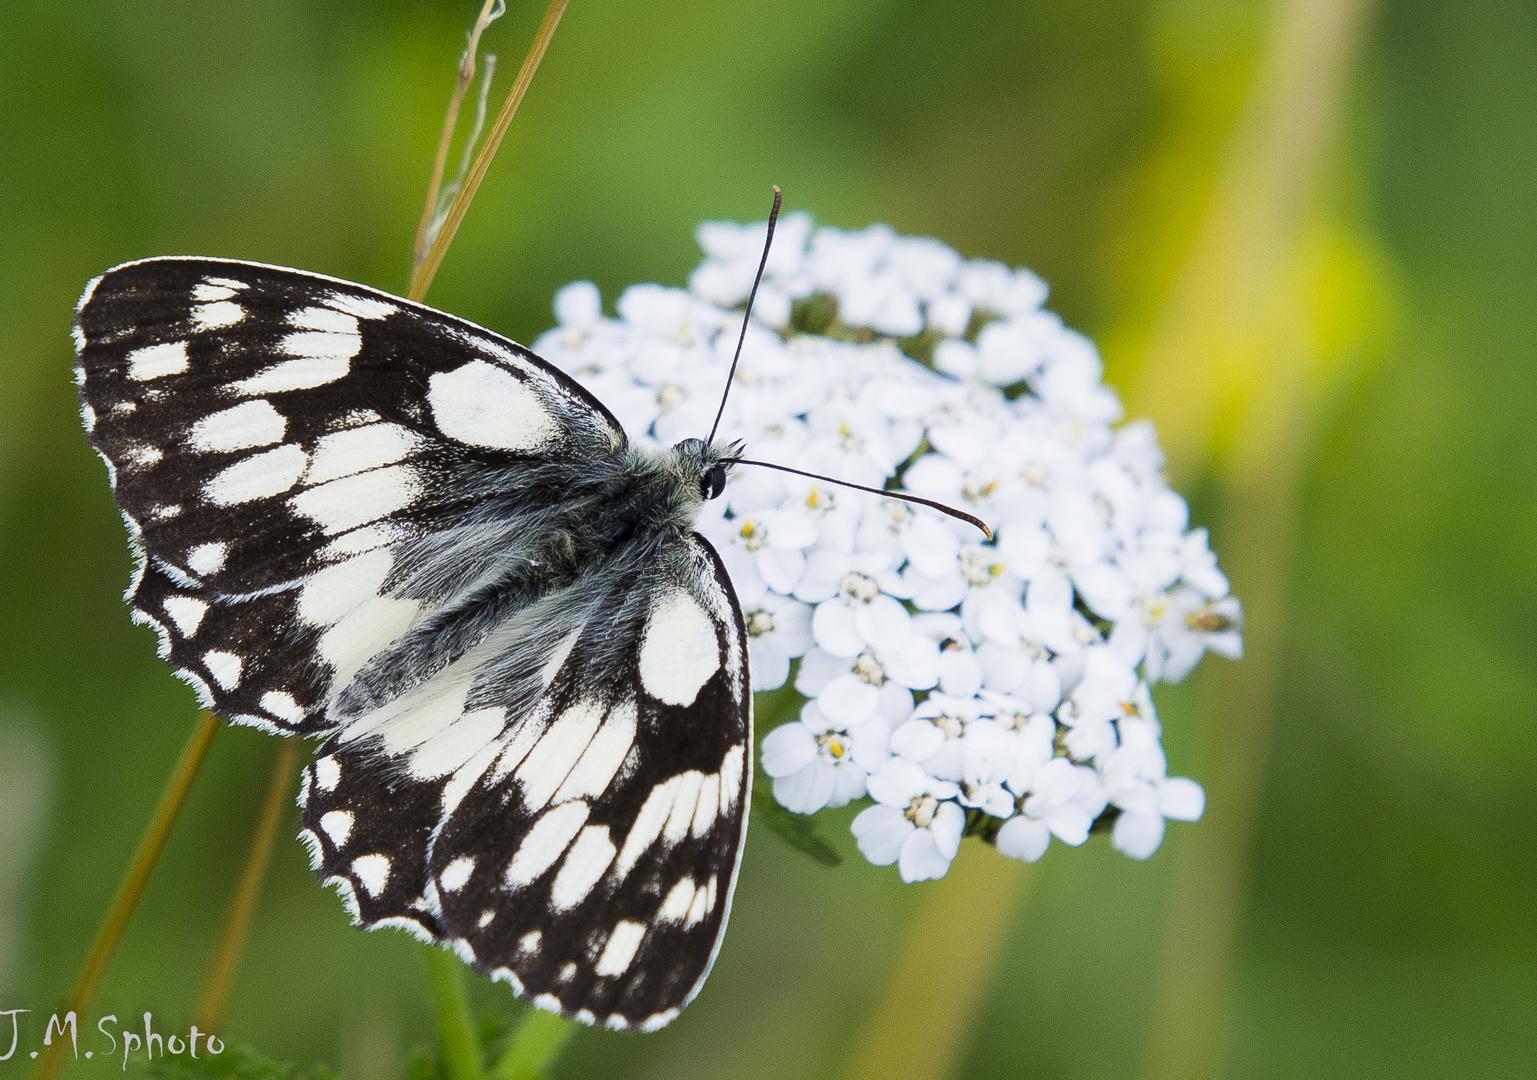 papillon noir et blanc photo et image macro nature macro insectes papillons images fotocommunity. Black Bedroom Furniture Sets. Home Design Ideas